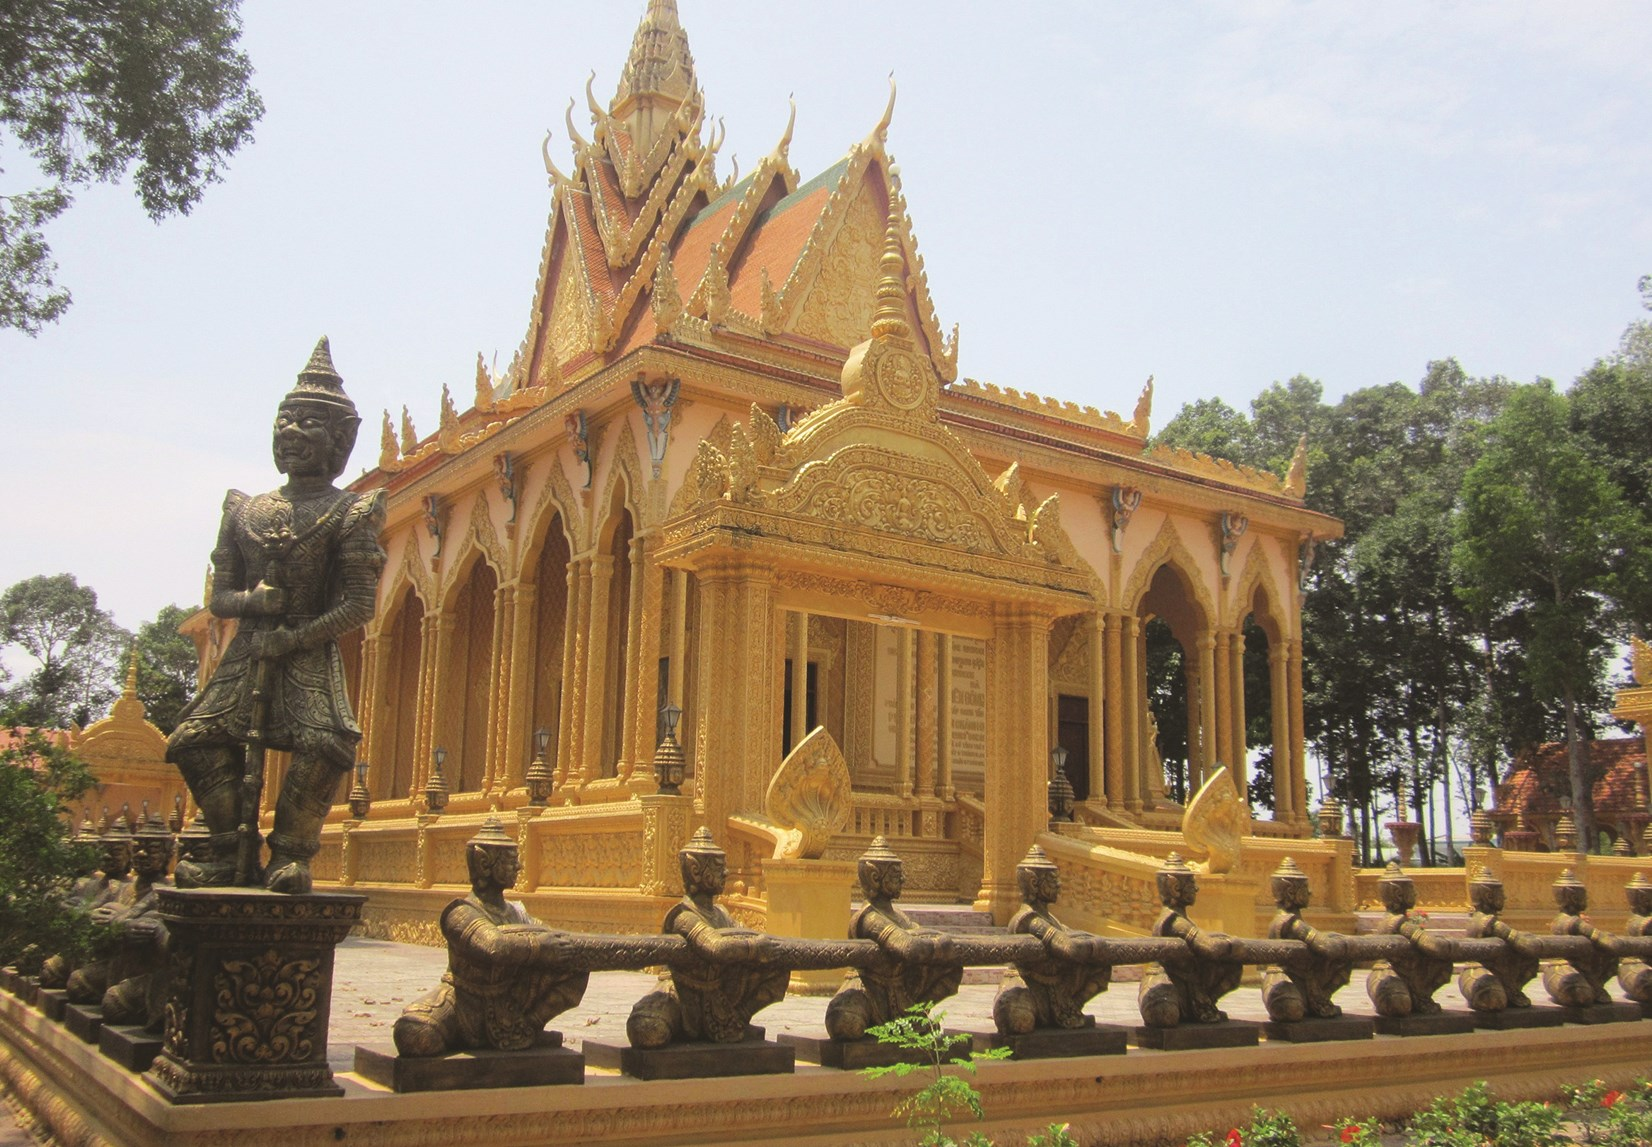 Chùa Vàm Ray (ấp Vàm Rây, xã Hàm Tân, huyện Trà Cú) có kiến trúc rất đẹp.